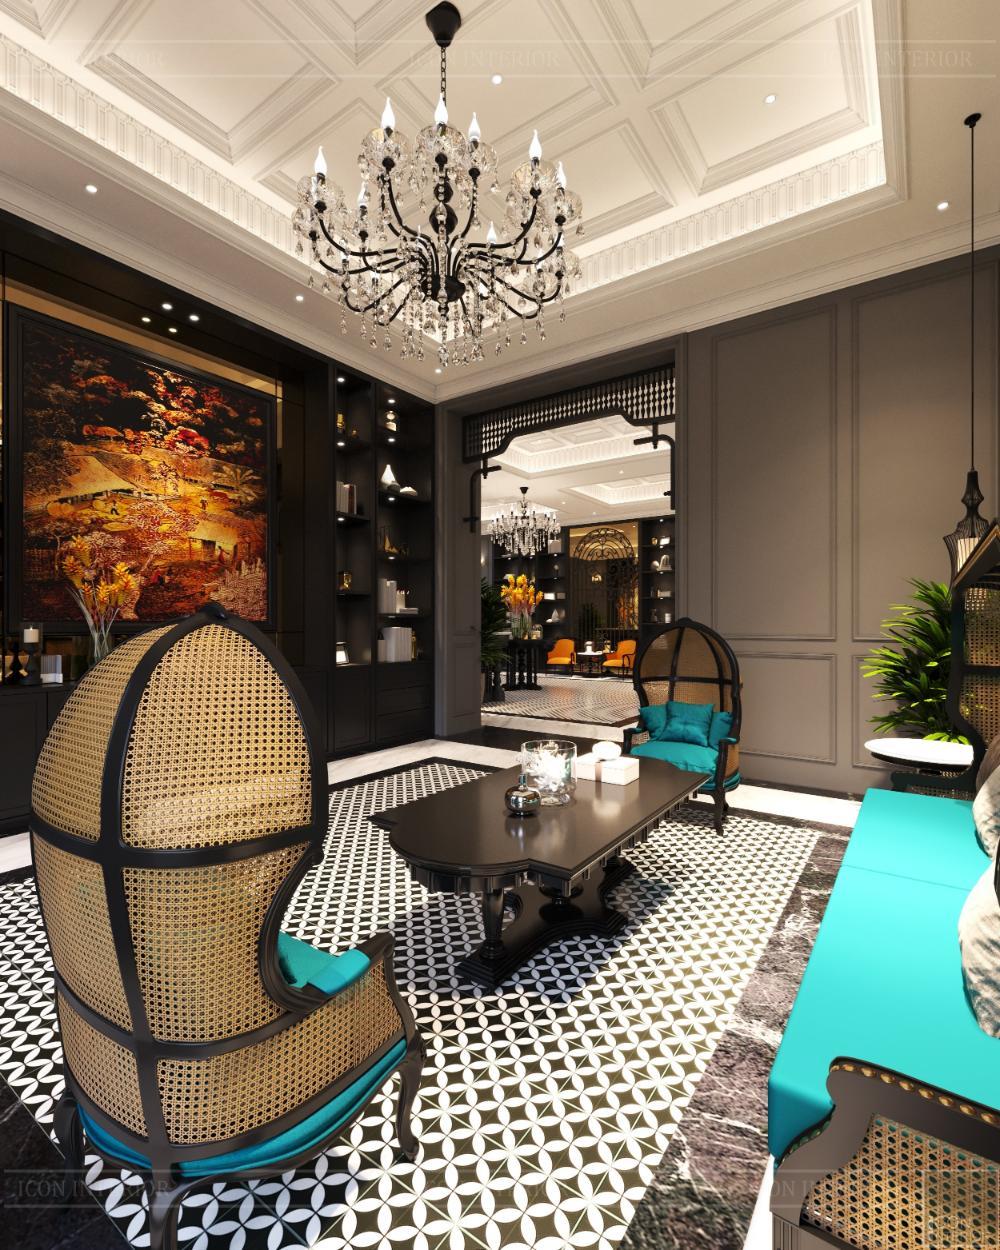 đồ nội thất quán cafe phong cách indochine